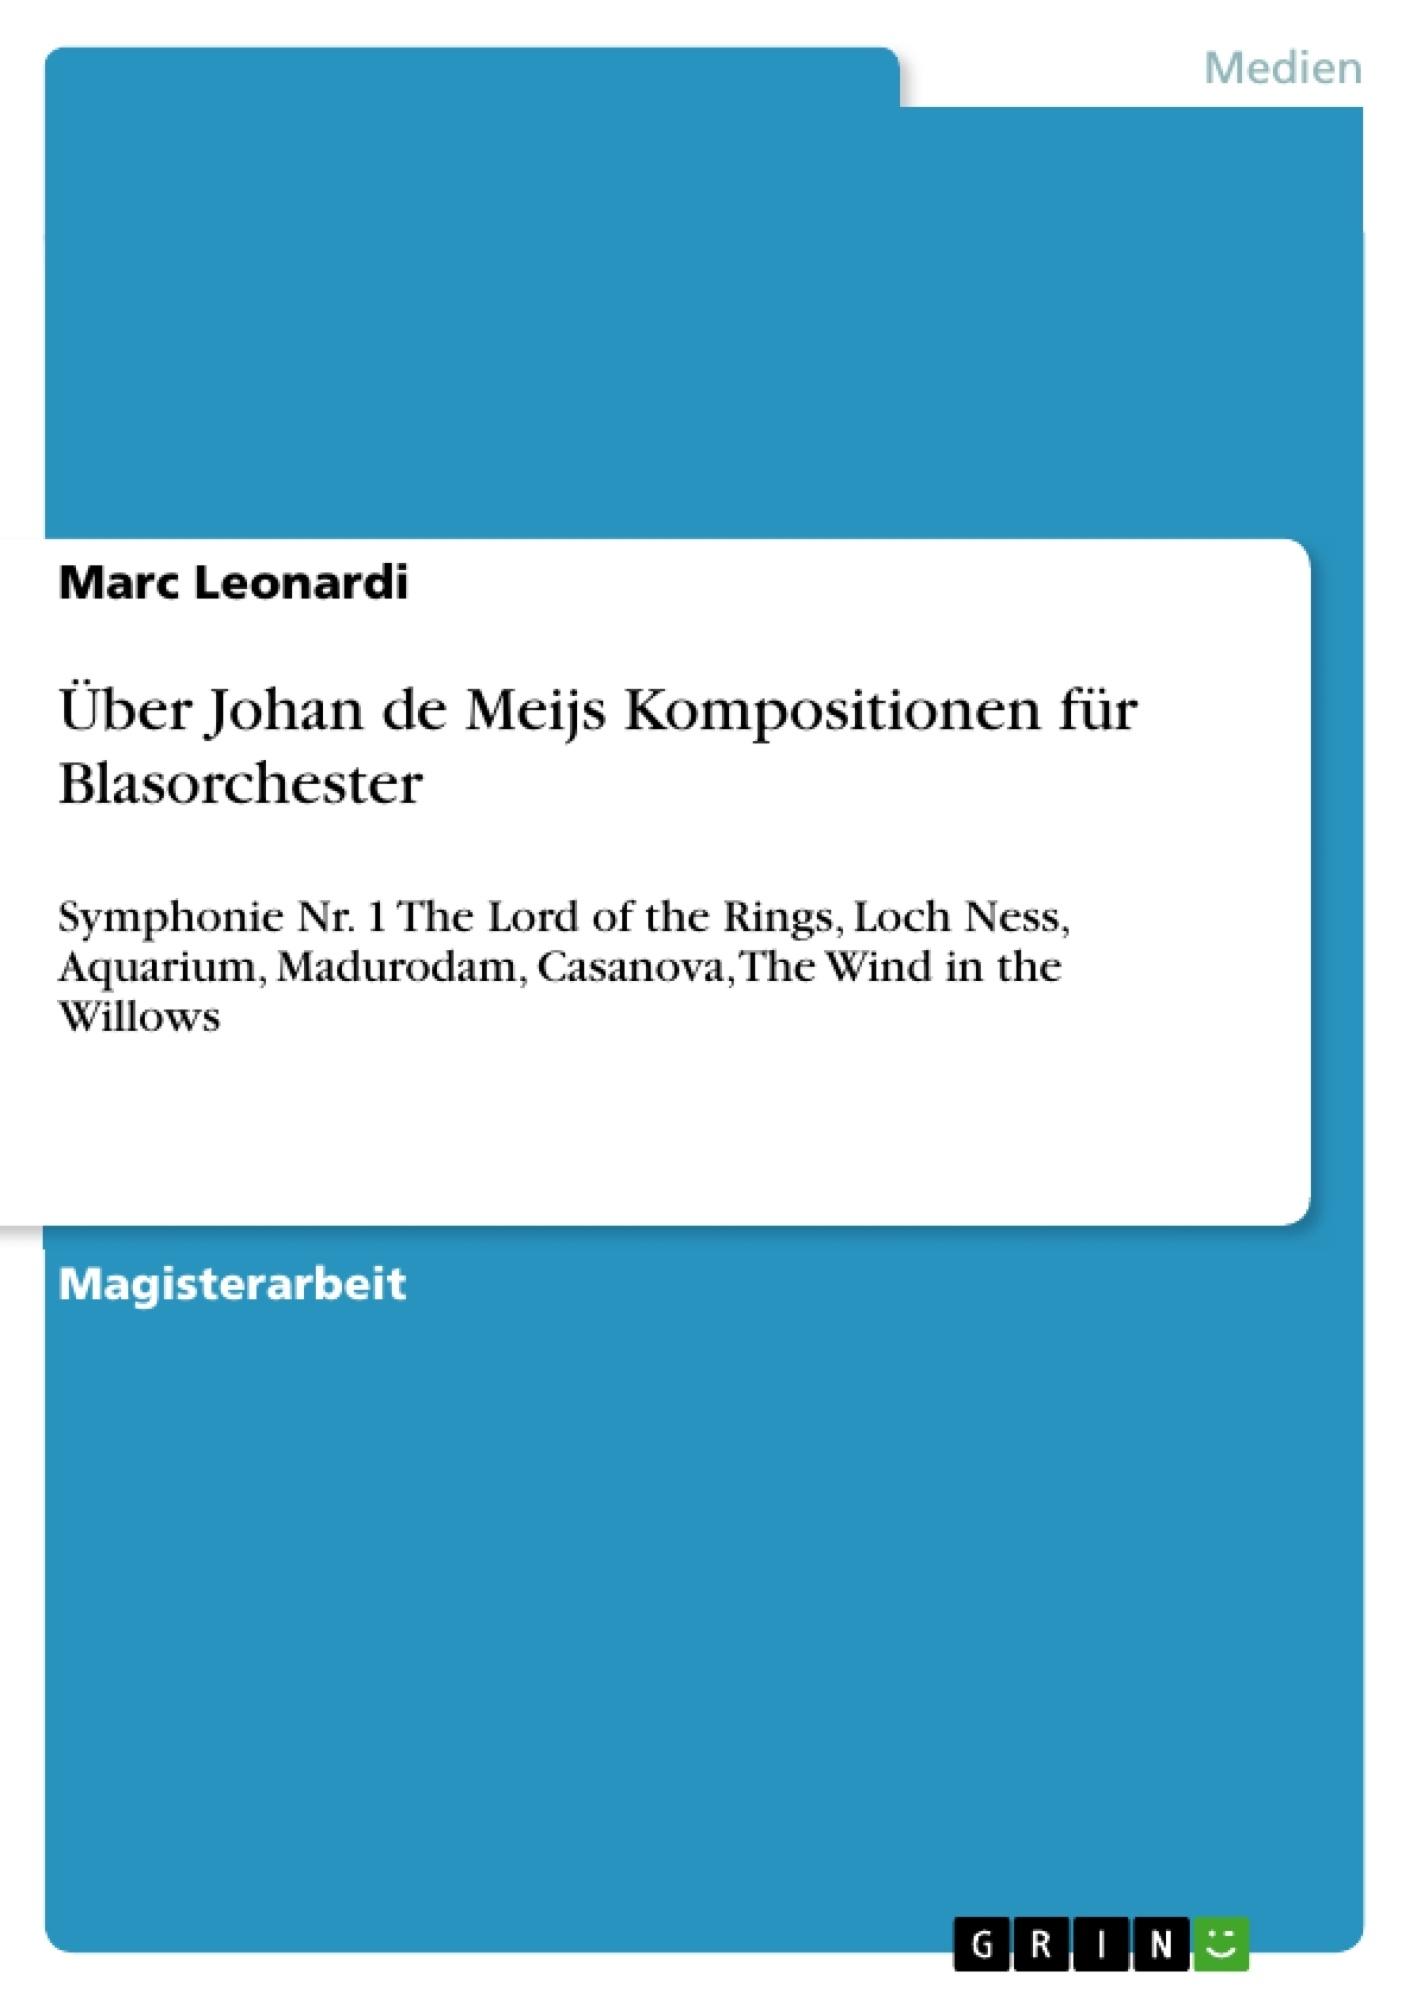 Titel: Über Johan de Meijs Kompositionen für Blasorchester